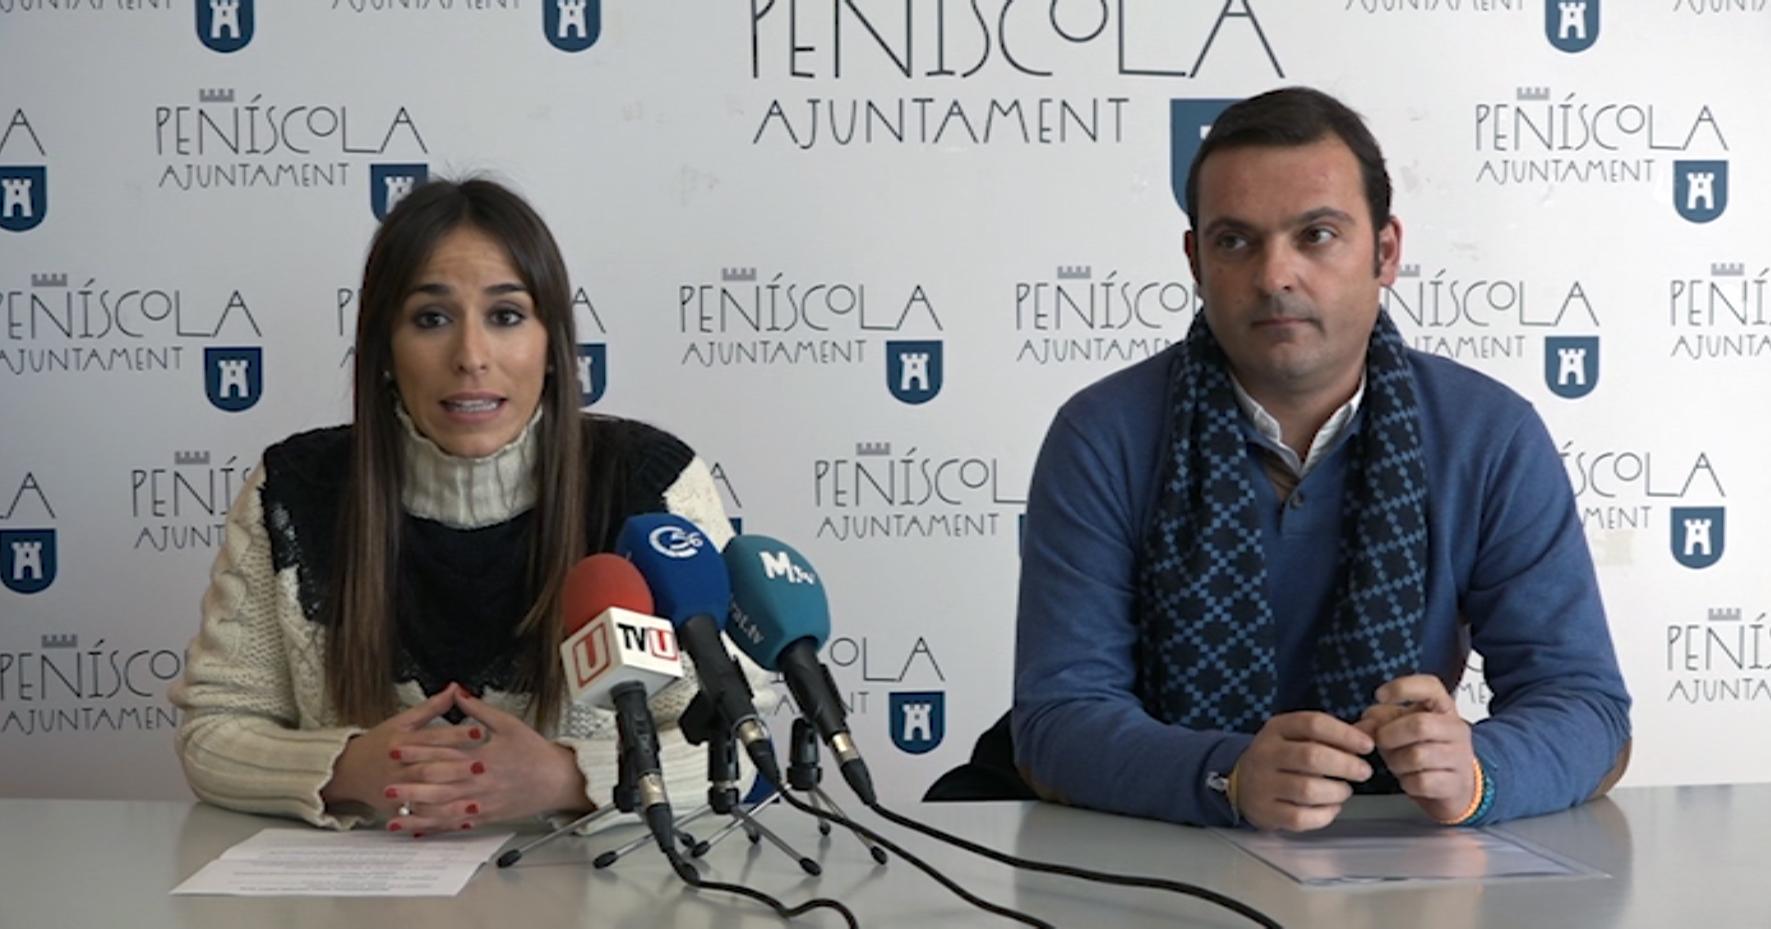 Peníscola prepara la festa de Sant Antoni amb els actes més tradicionals